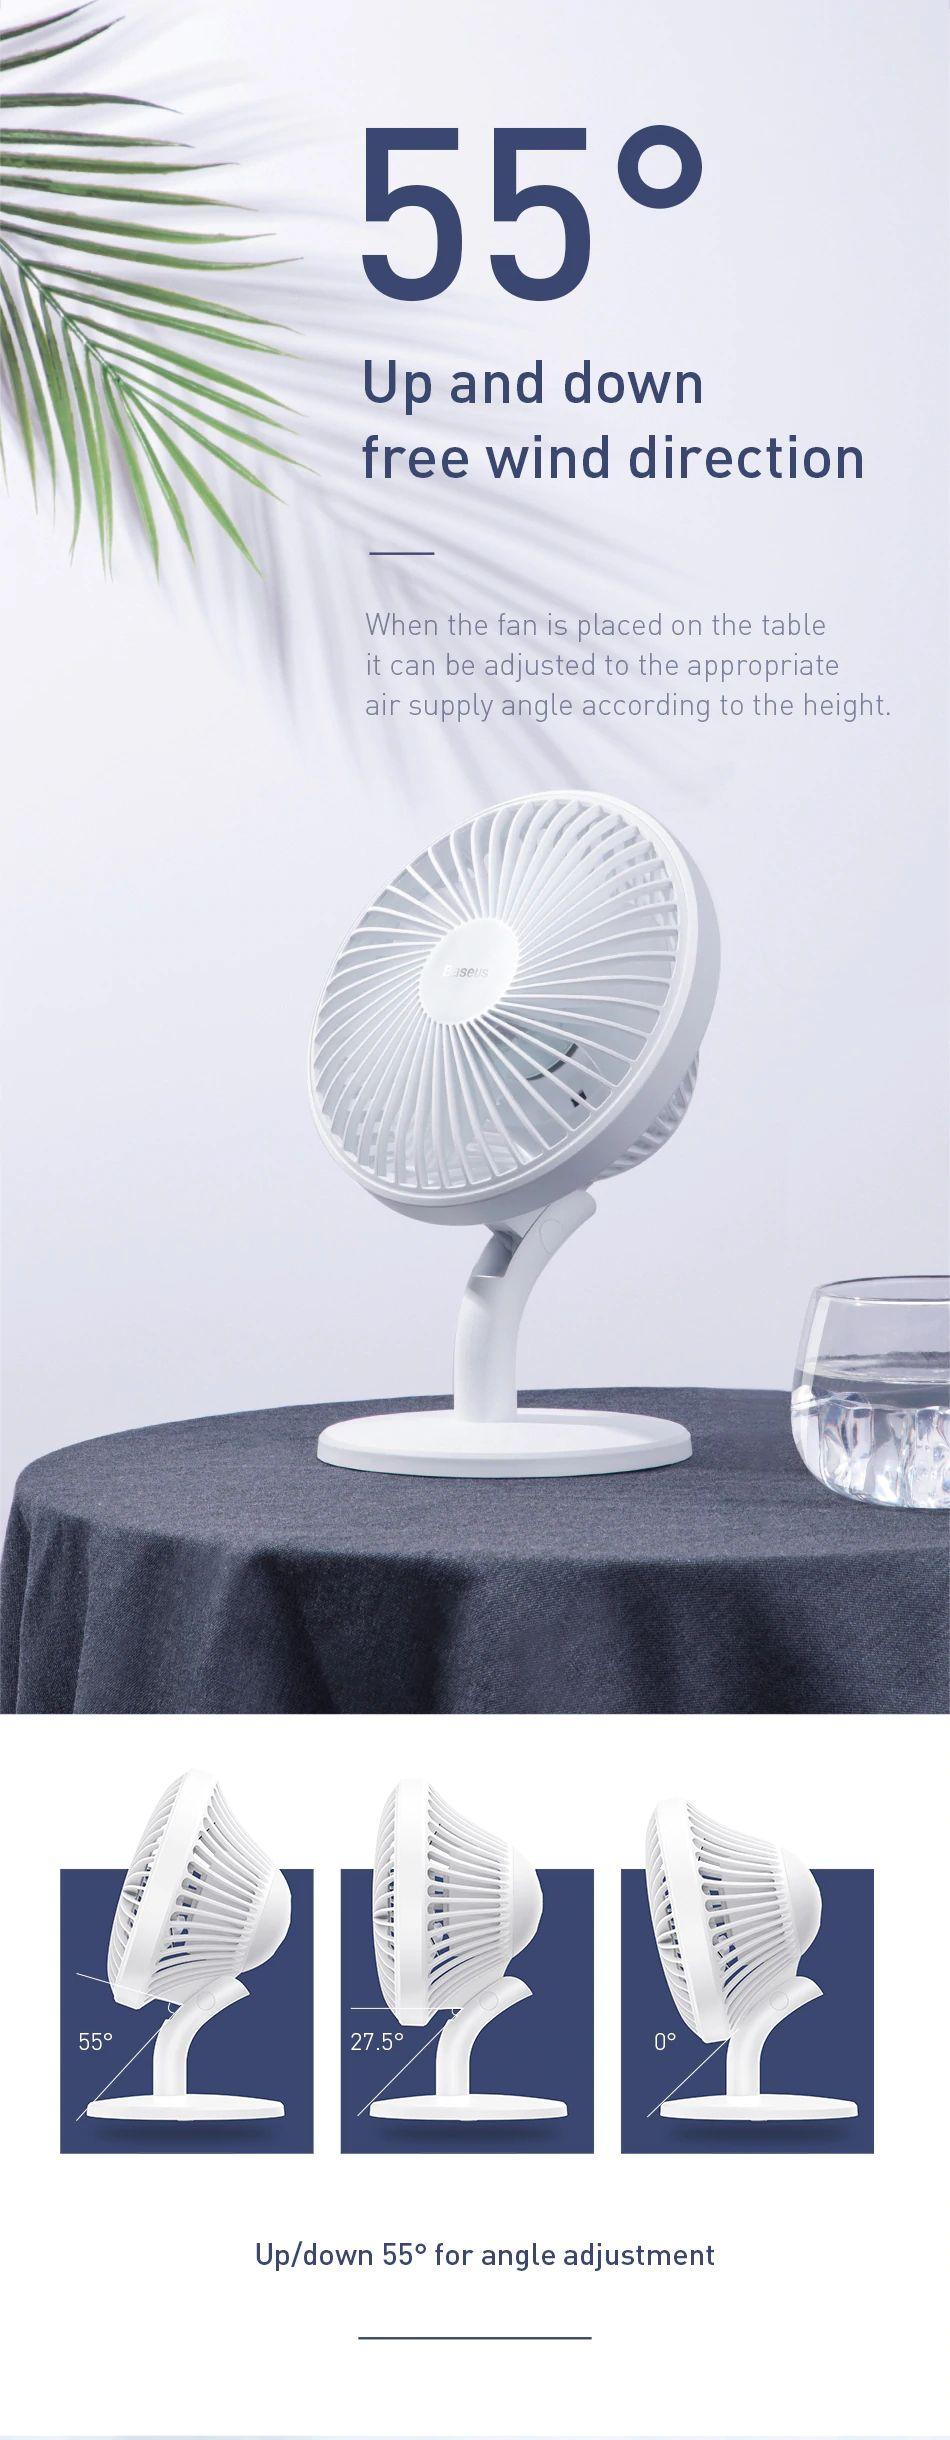 Baseus Ocean Fan 4 Wind Speeds Usb Rechargeable Air Cooling Fan (3) 1